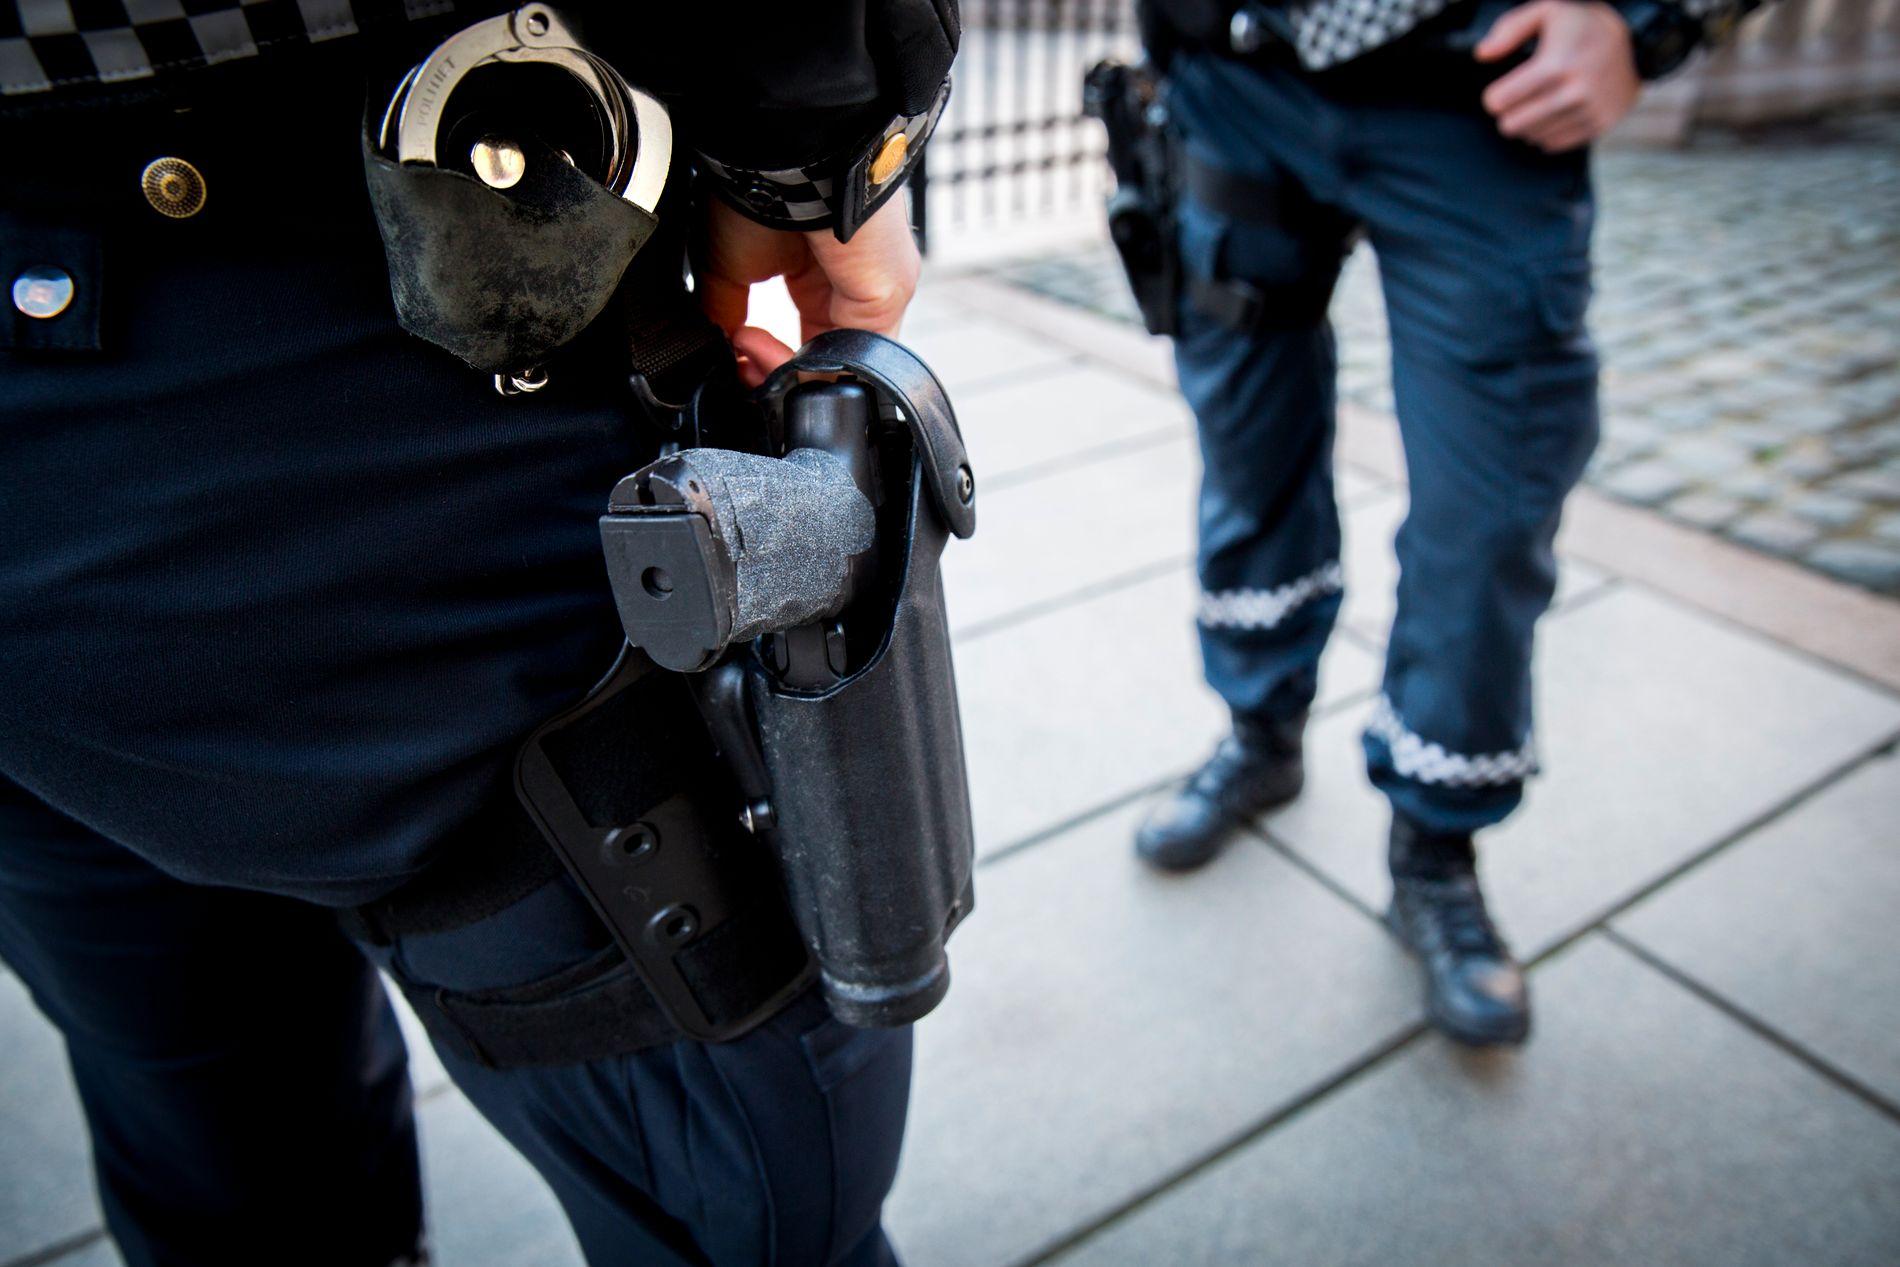 SEKS POLITIMENN STRAFFES:Politivådeskuddene som gikk av under den midlertidige bevæpningen er ferdig etterforsket. Seks politimenn ble straffet.